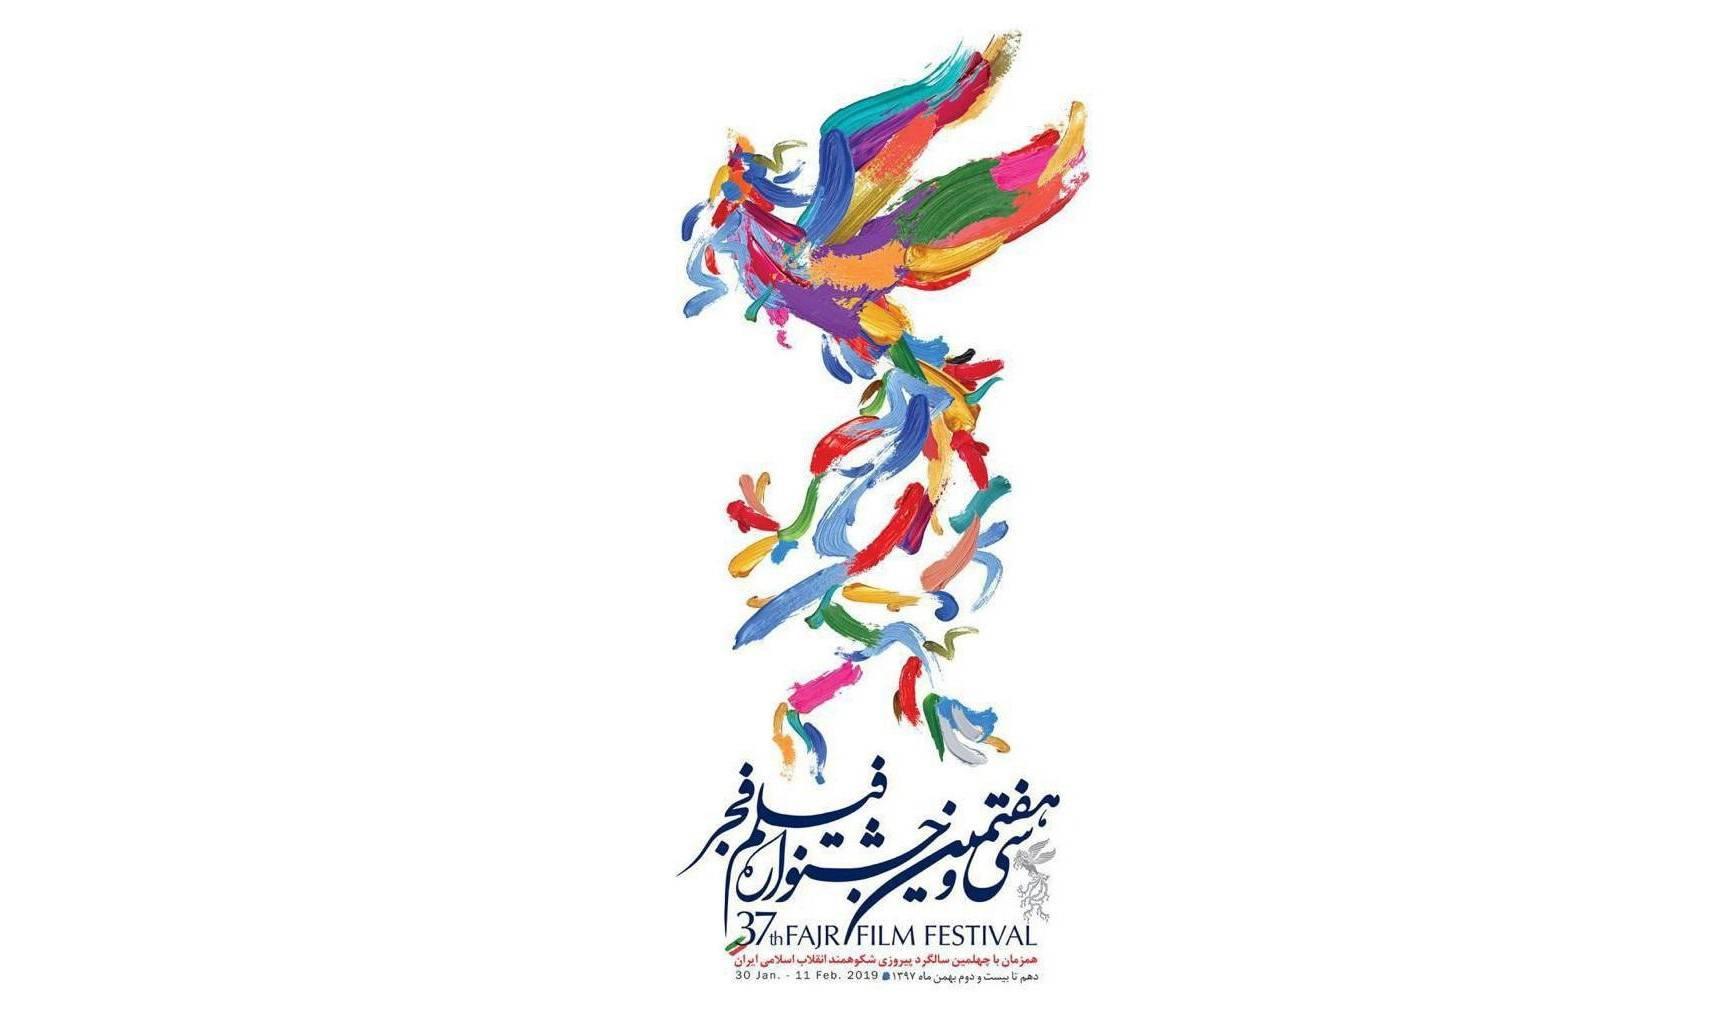 اعلام جزییات مراسم افتتاحیه ی جشنوارهی فیلم فجر سی و هفتم